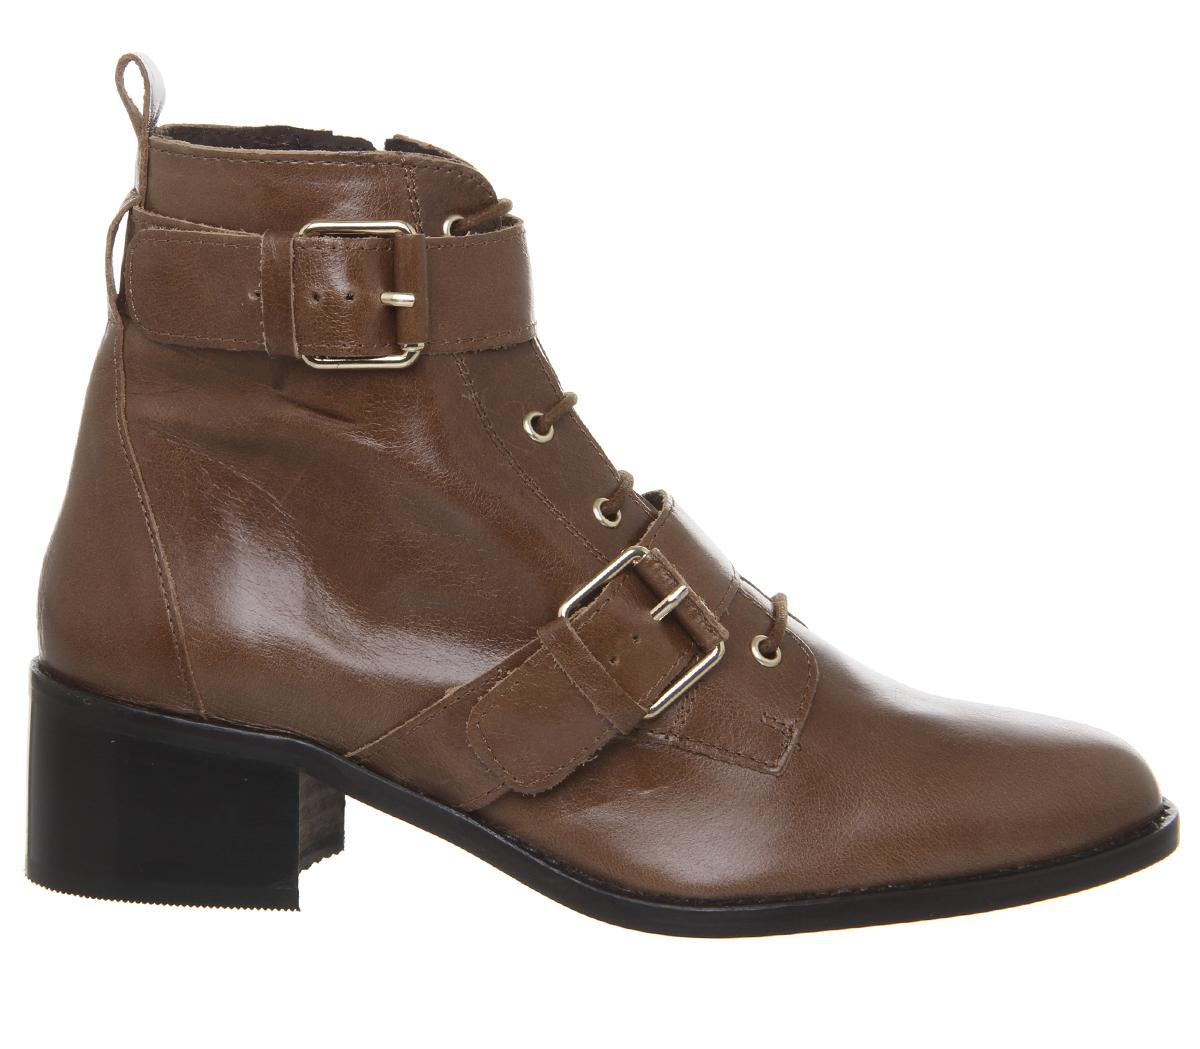 SENTINEL Womens Office aspetto Lacci Casual stivali stivali di cuoio  marrone chiaro 539a278905d